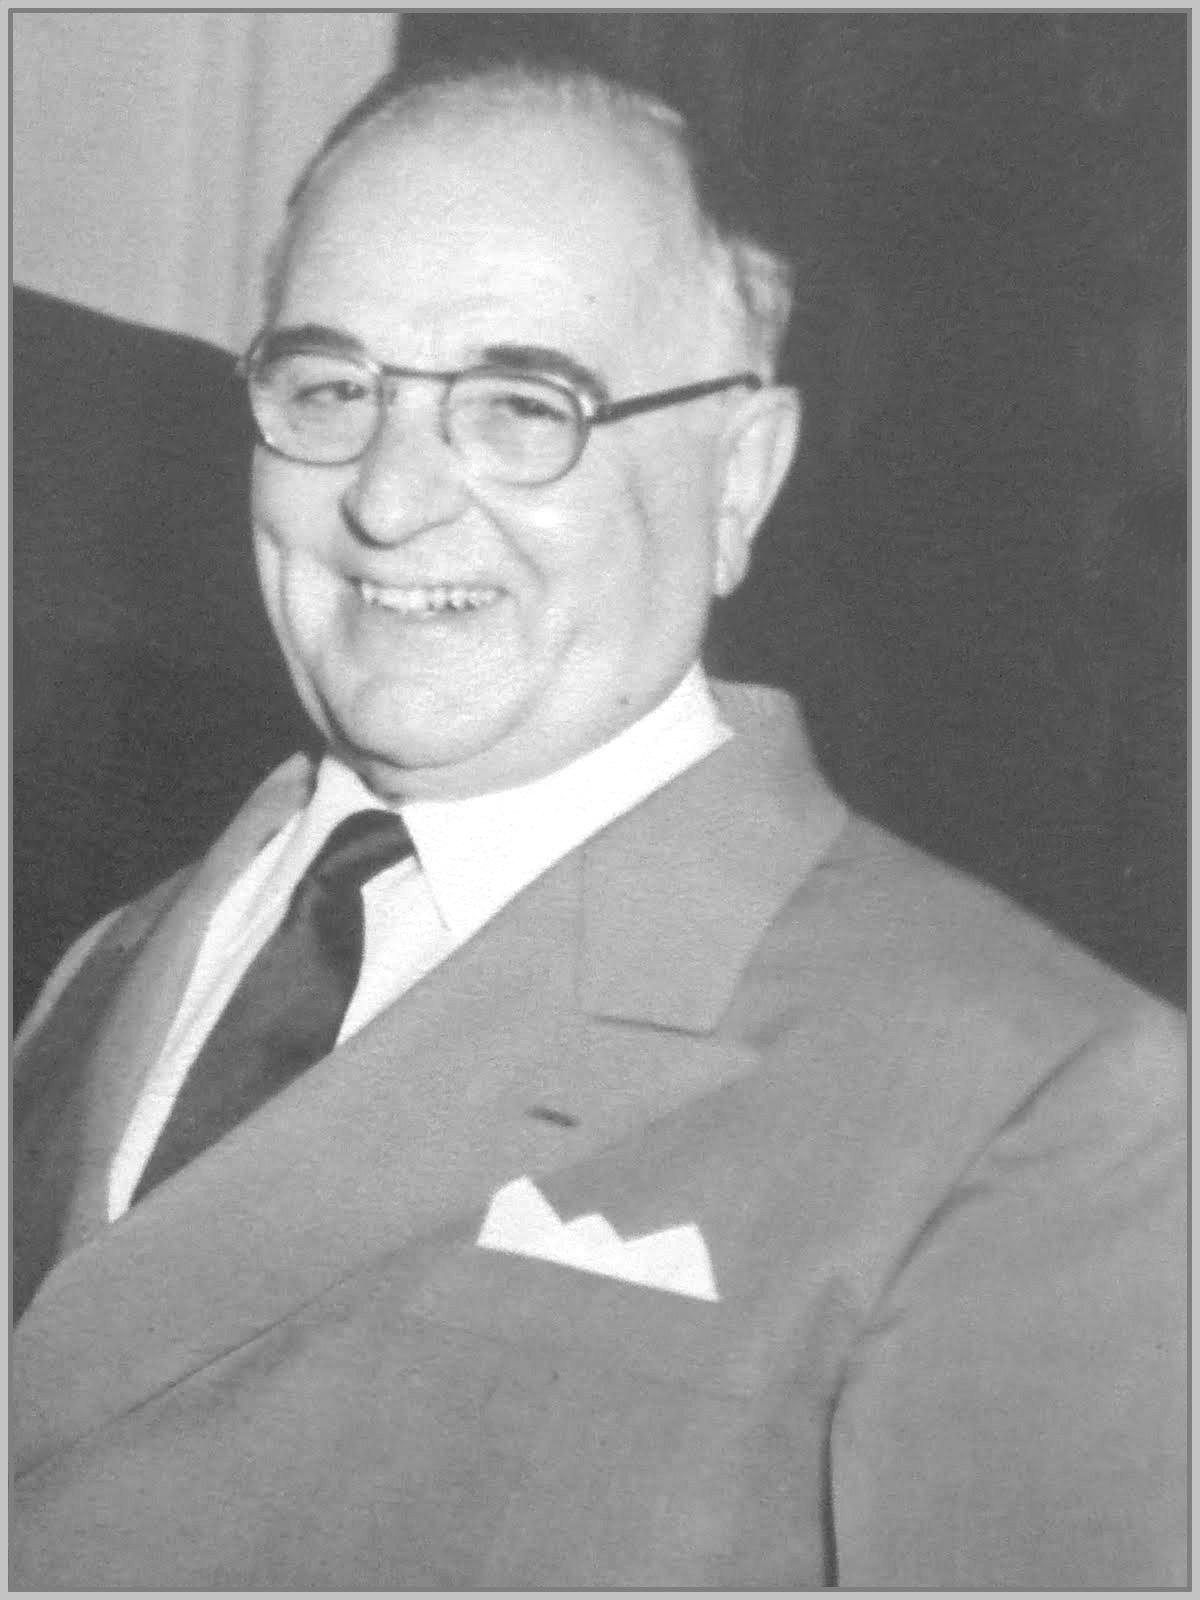 Getúlio Vargas ex-presidente do Brasil e torcedor do